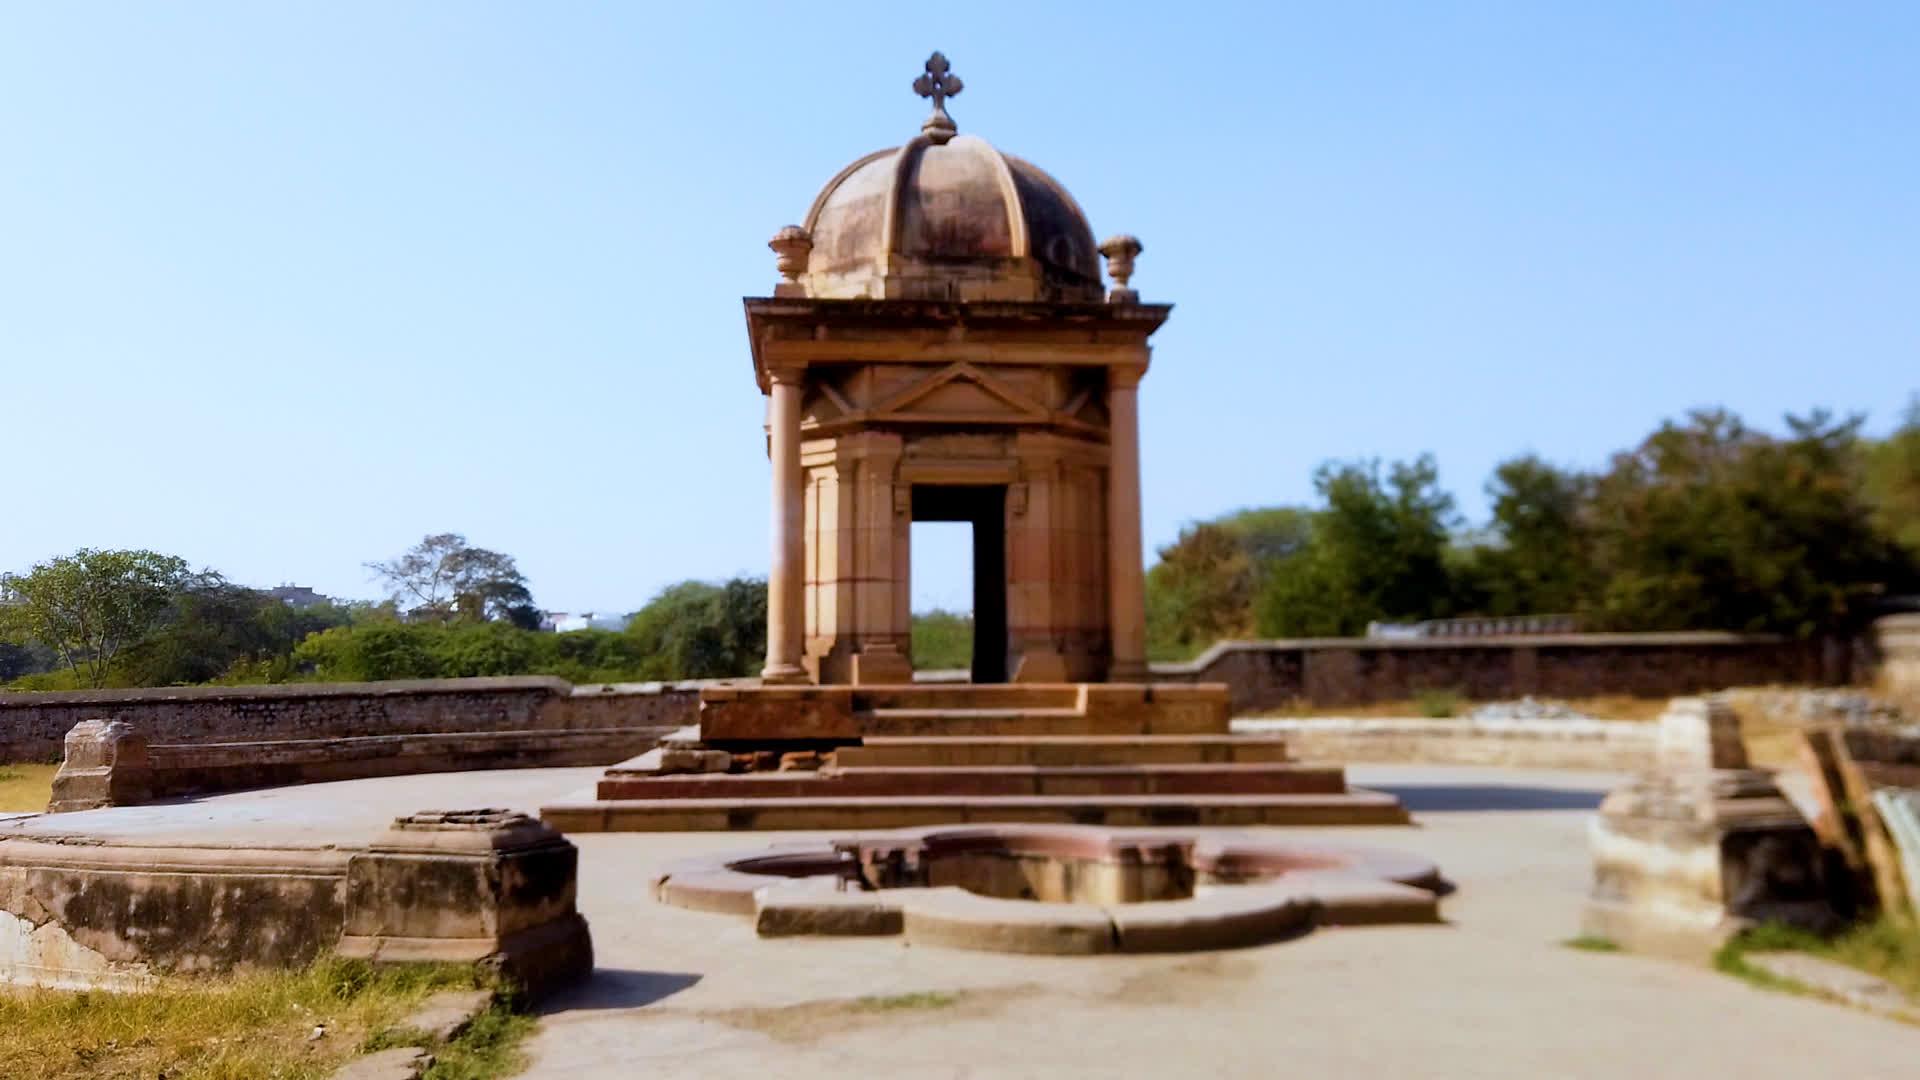 झाँसी में 1857 का अनजान पहलू: जोखन बाग़